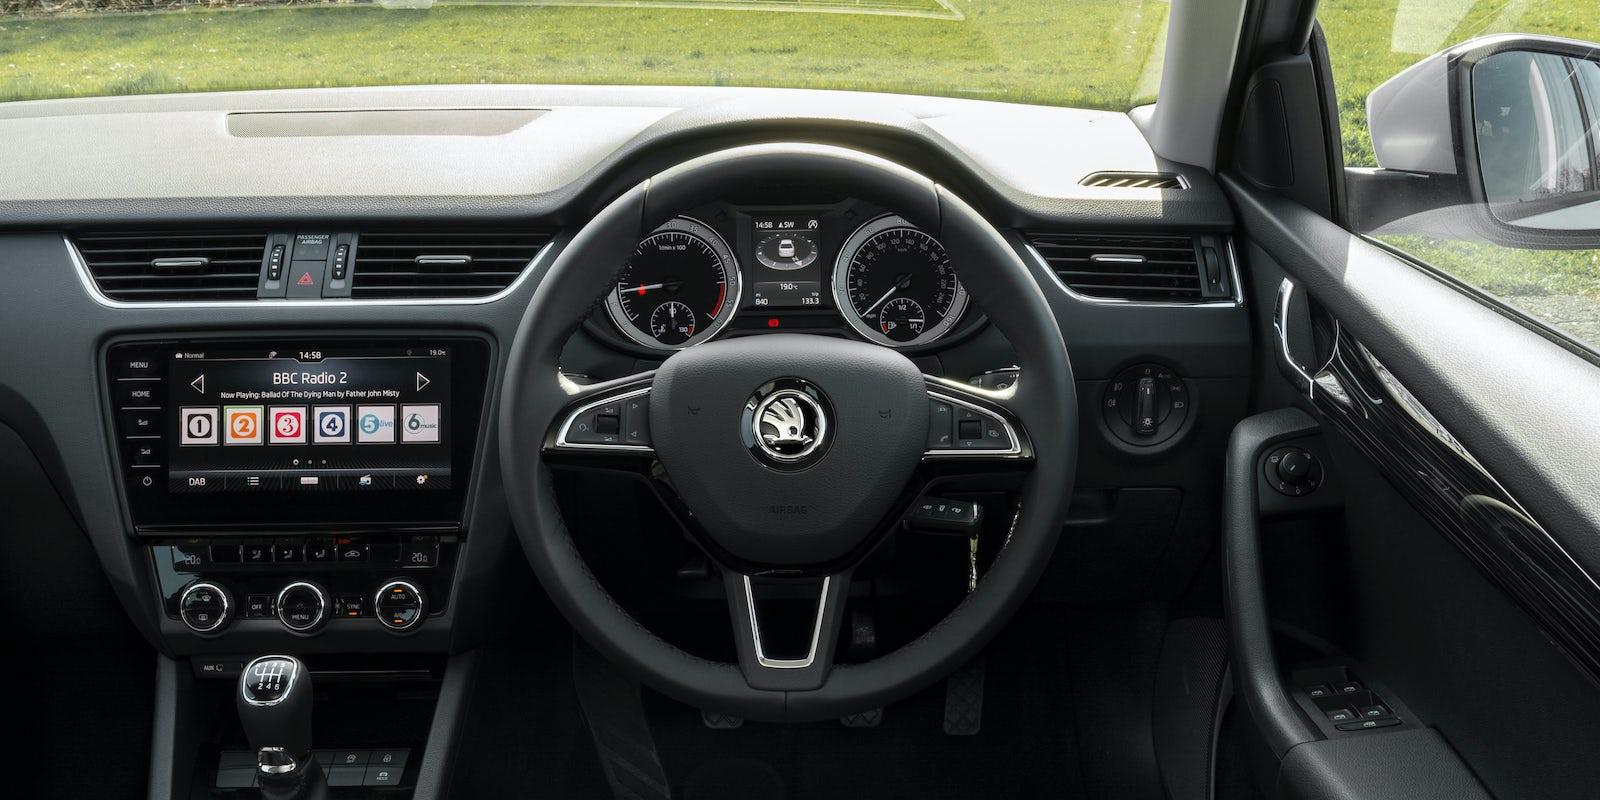 Skoda octavia interior infotainment carwow for Skoda octavia interior